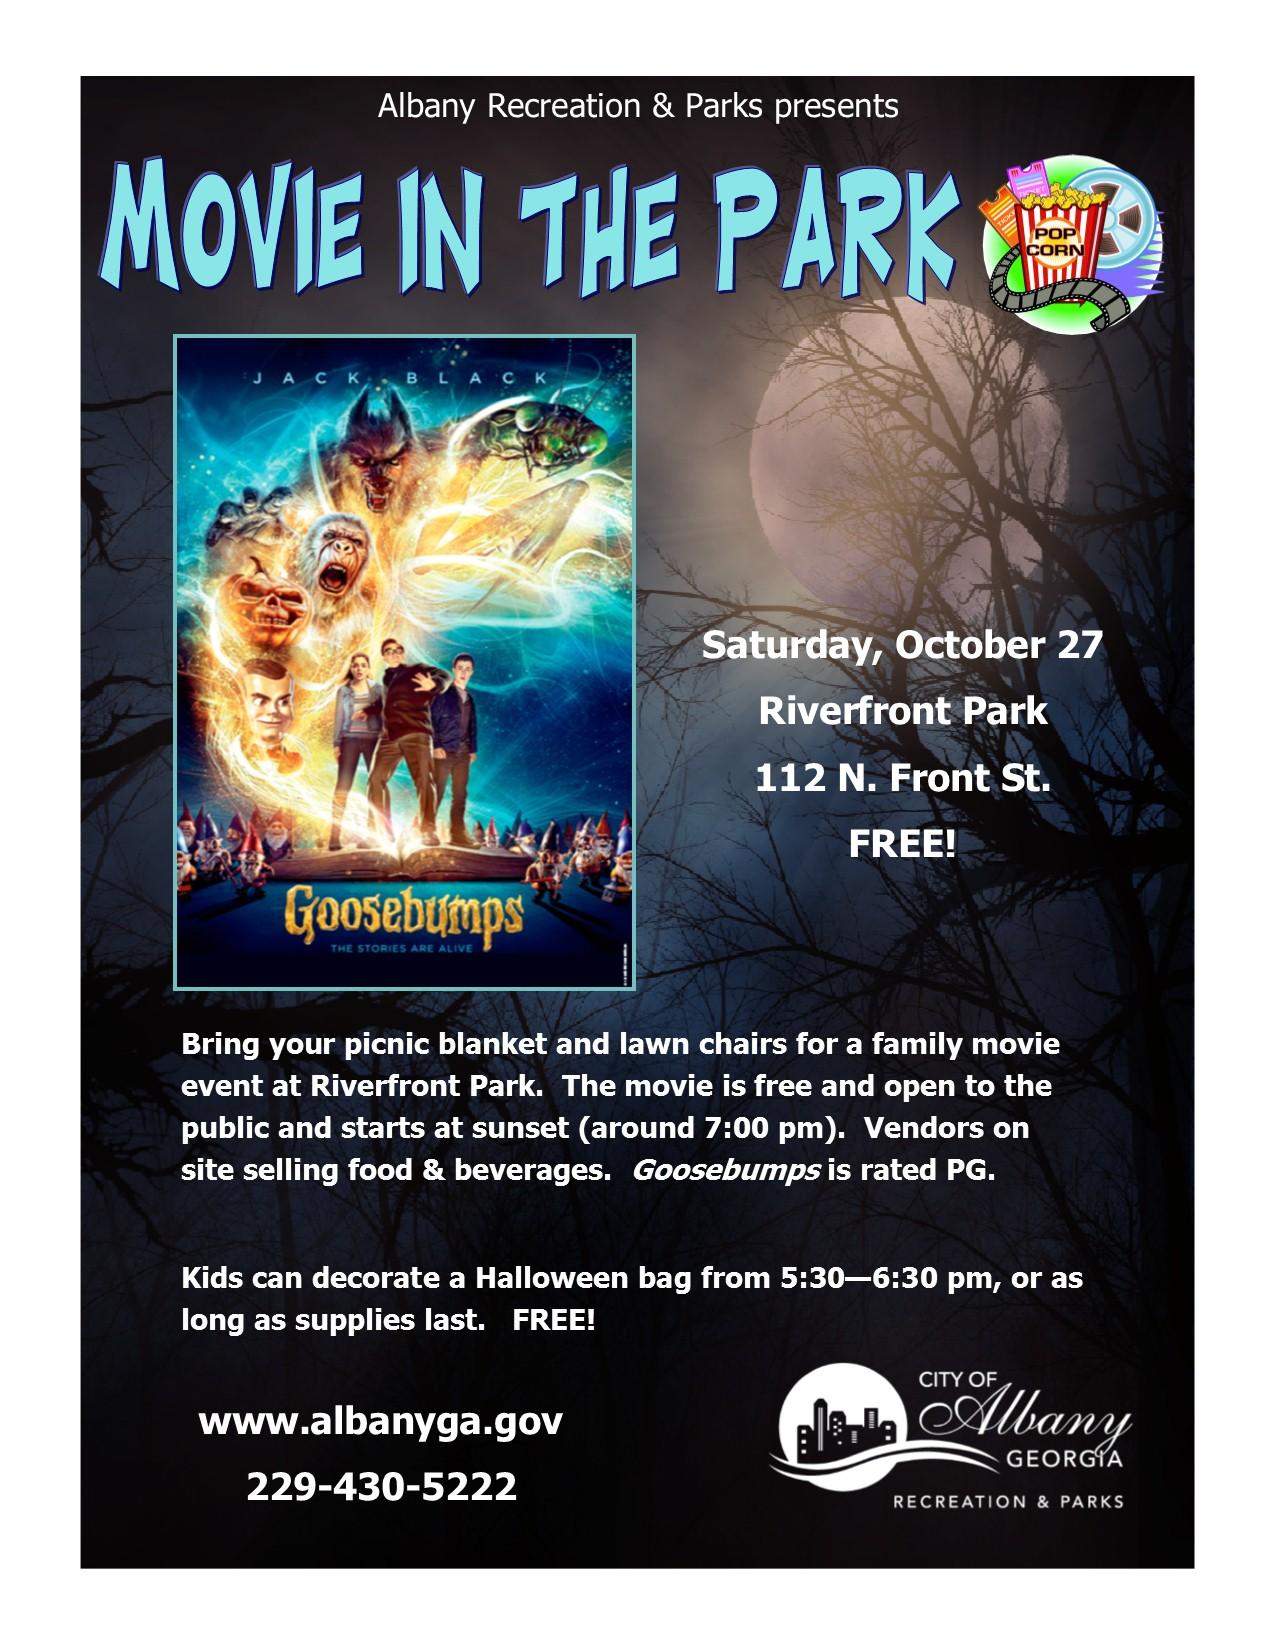 Goosebumps: Movie in the Park